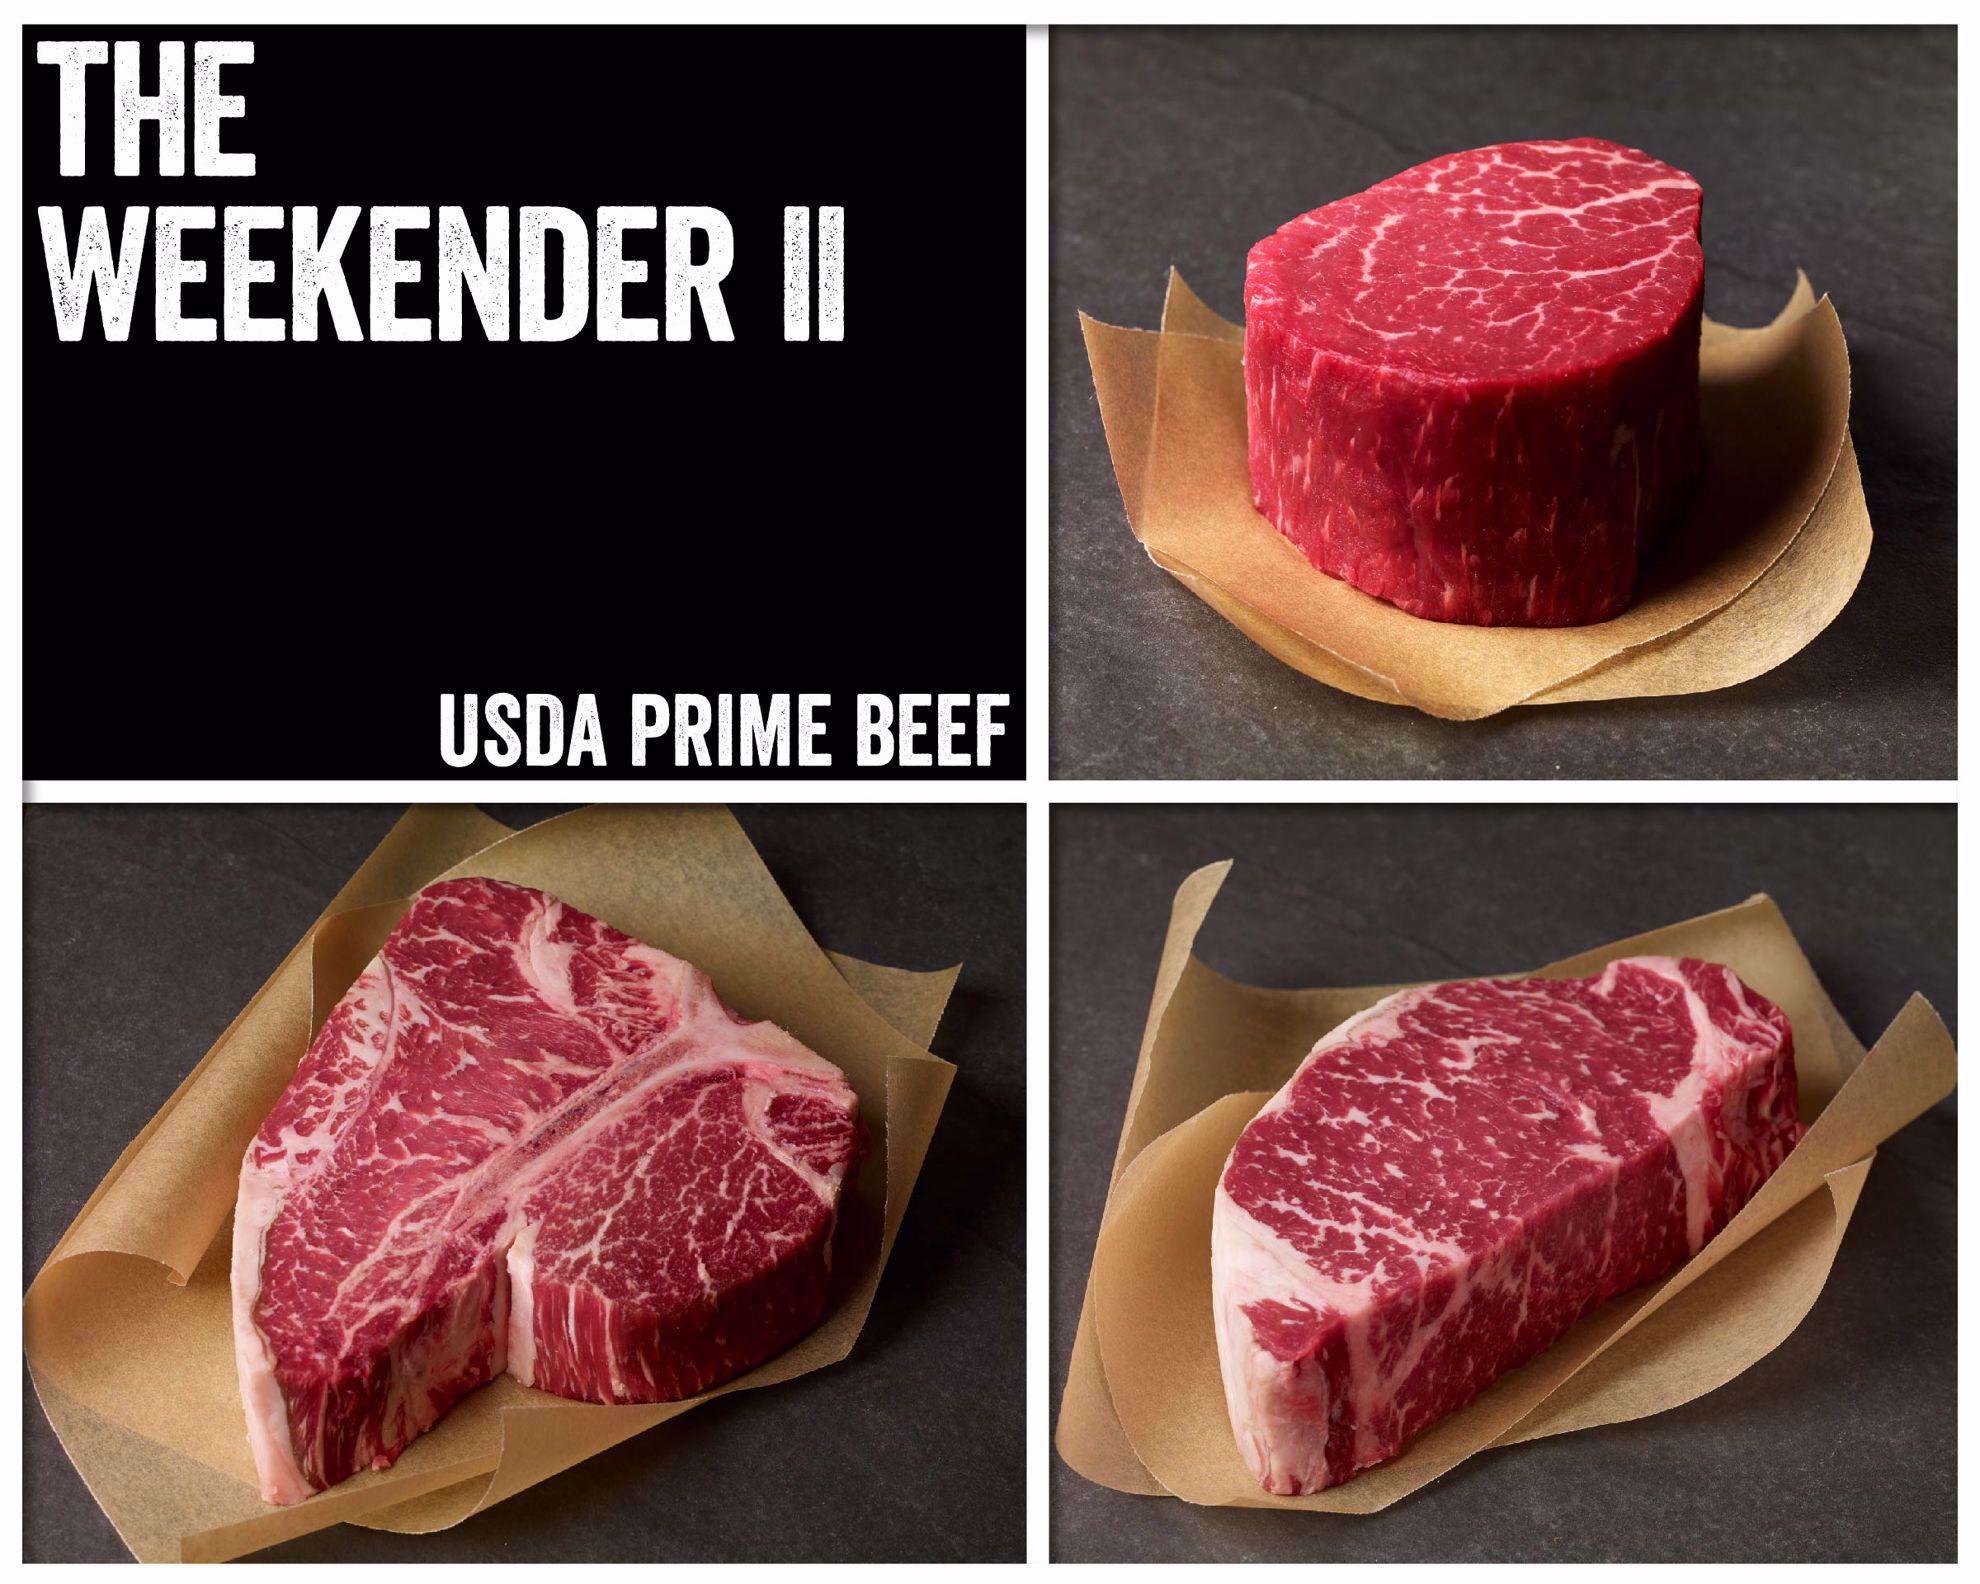 Weekender II - USDA Prime Beef